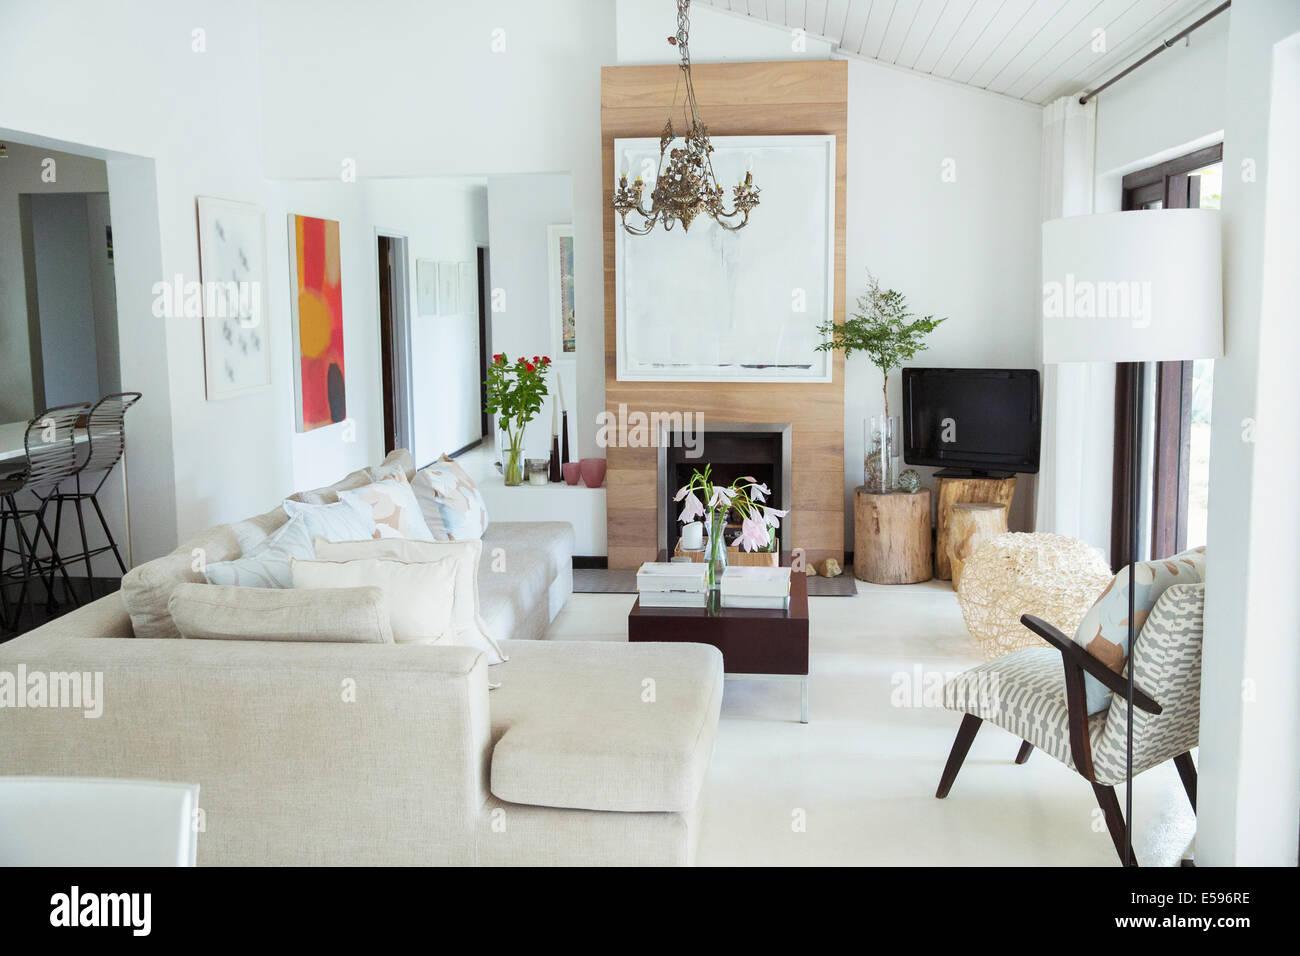 Sofá, mesa de café y chimenea en salón moderno Imagen De Stock